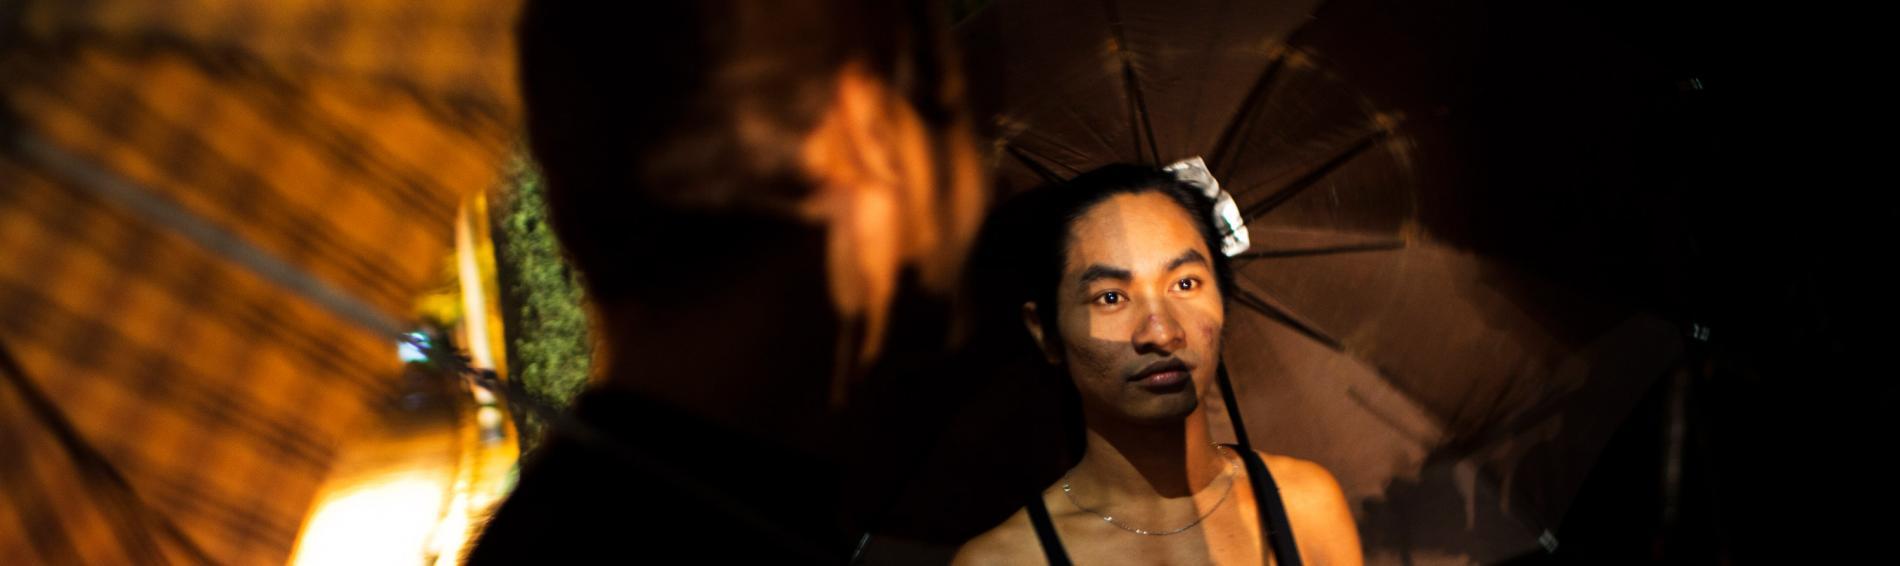 Kyaw Myo Thu klärt Homosexuelle über Risiken auf und verteilt Kondome. Foto: William Daniels